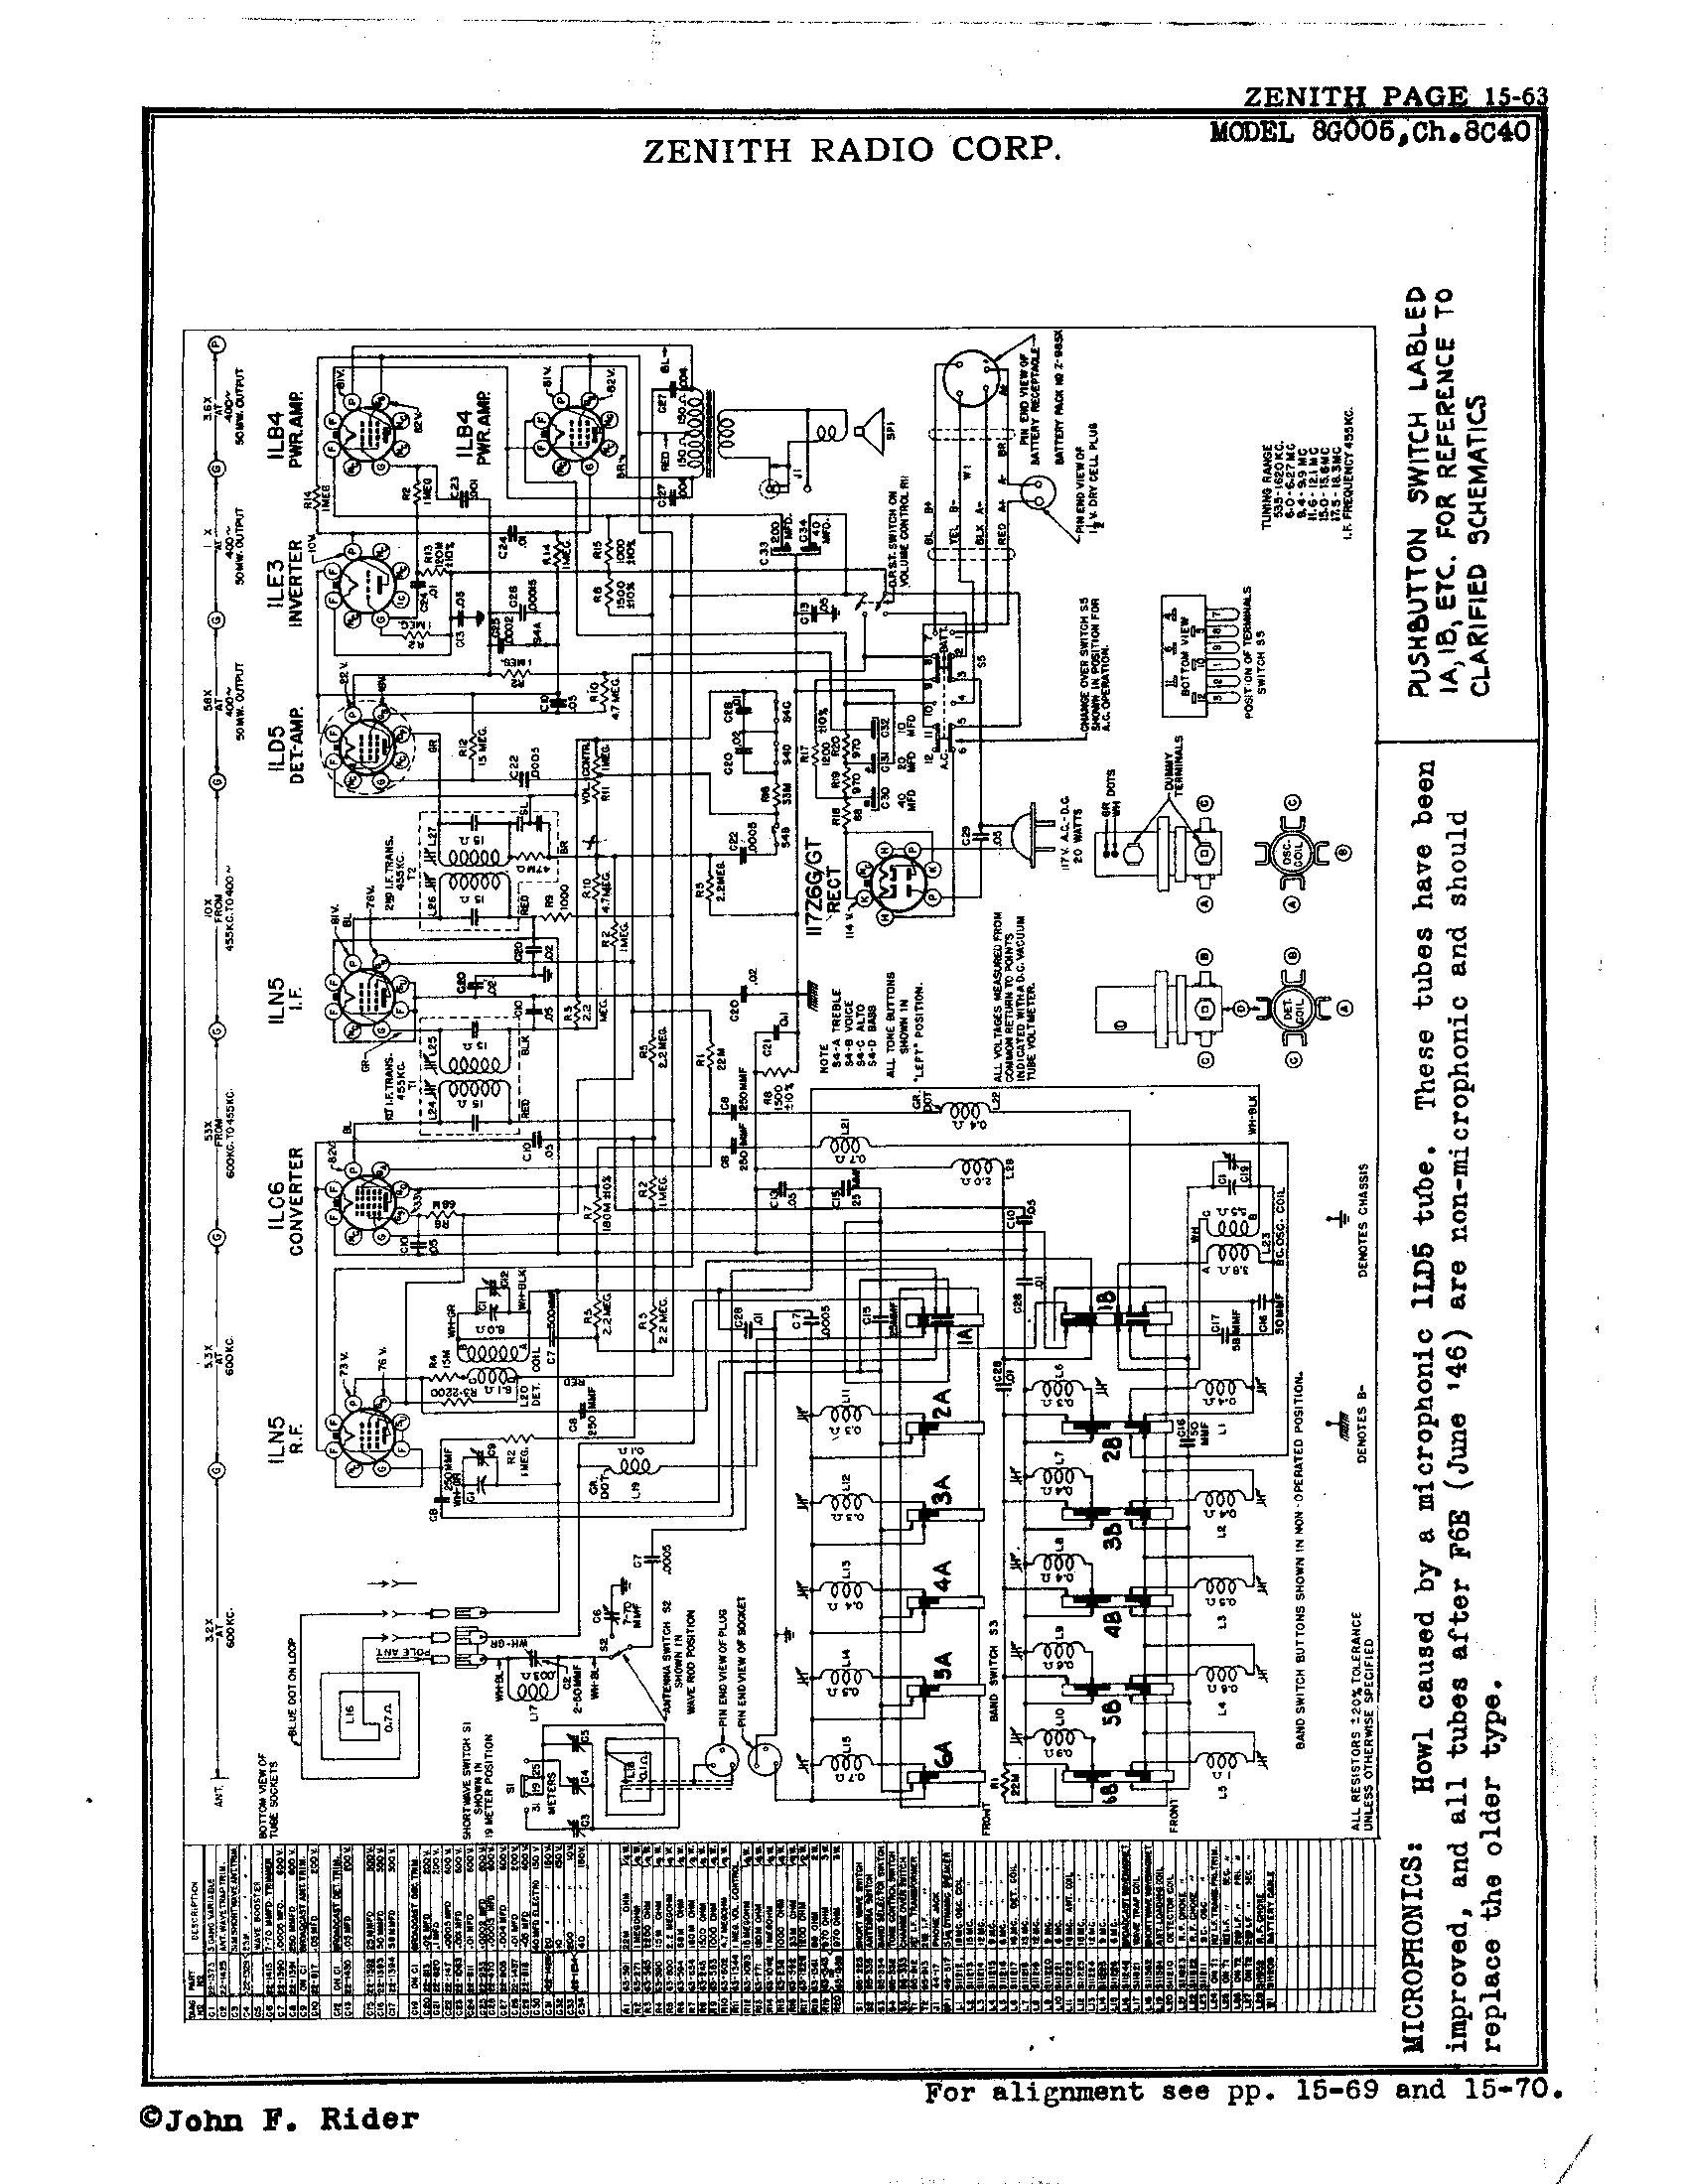 Zenith Radio Corp 8g005